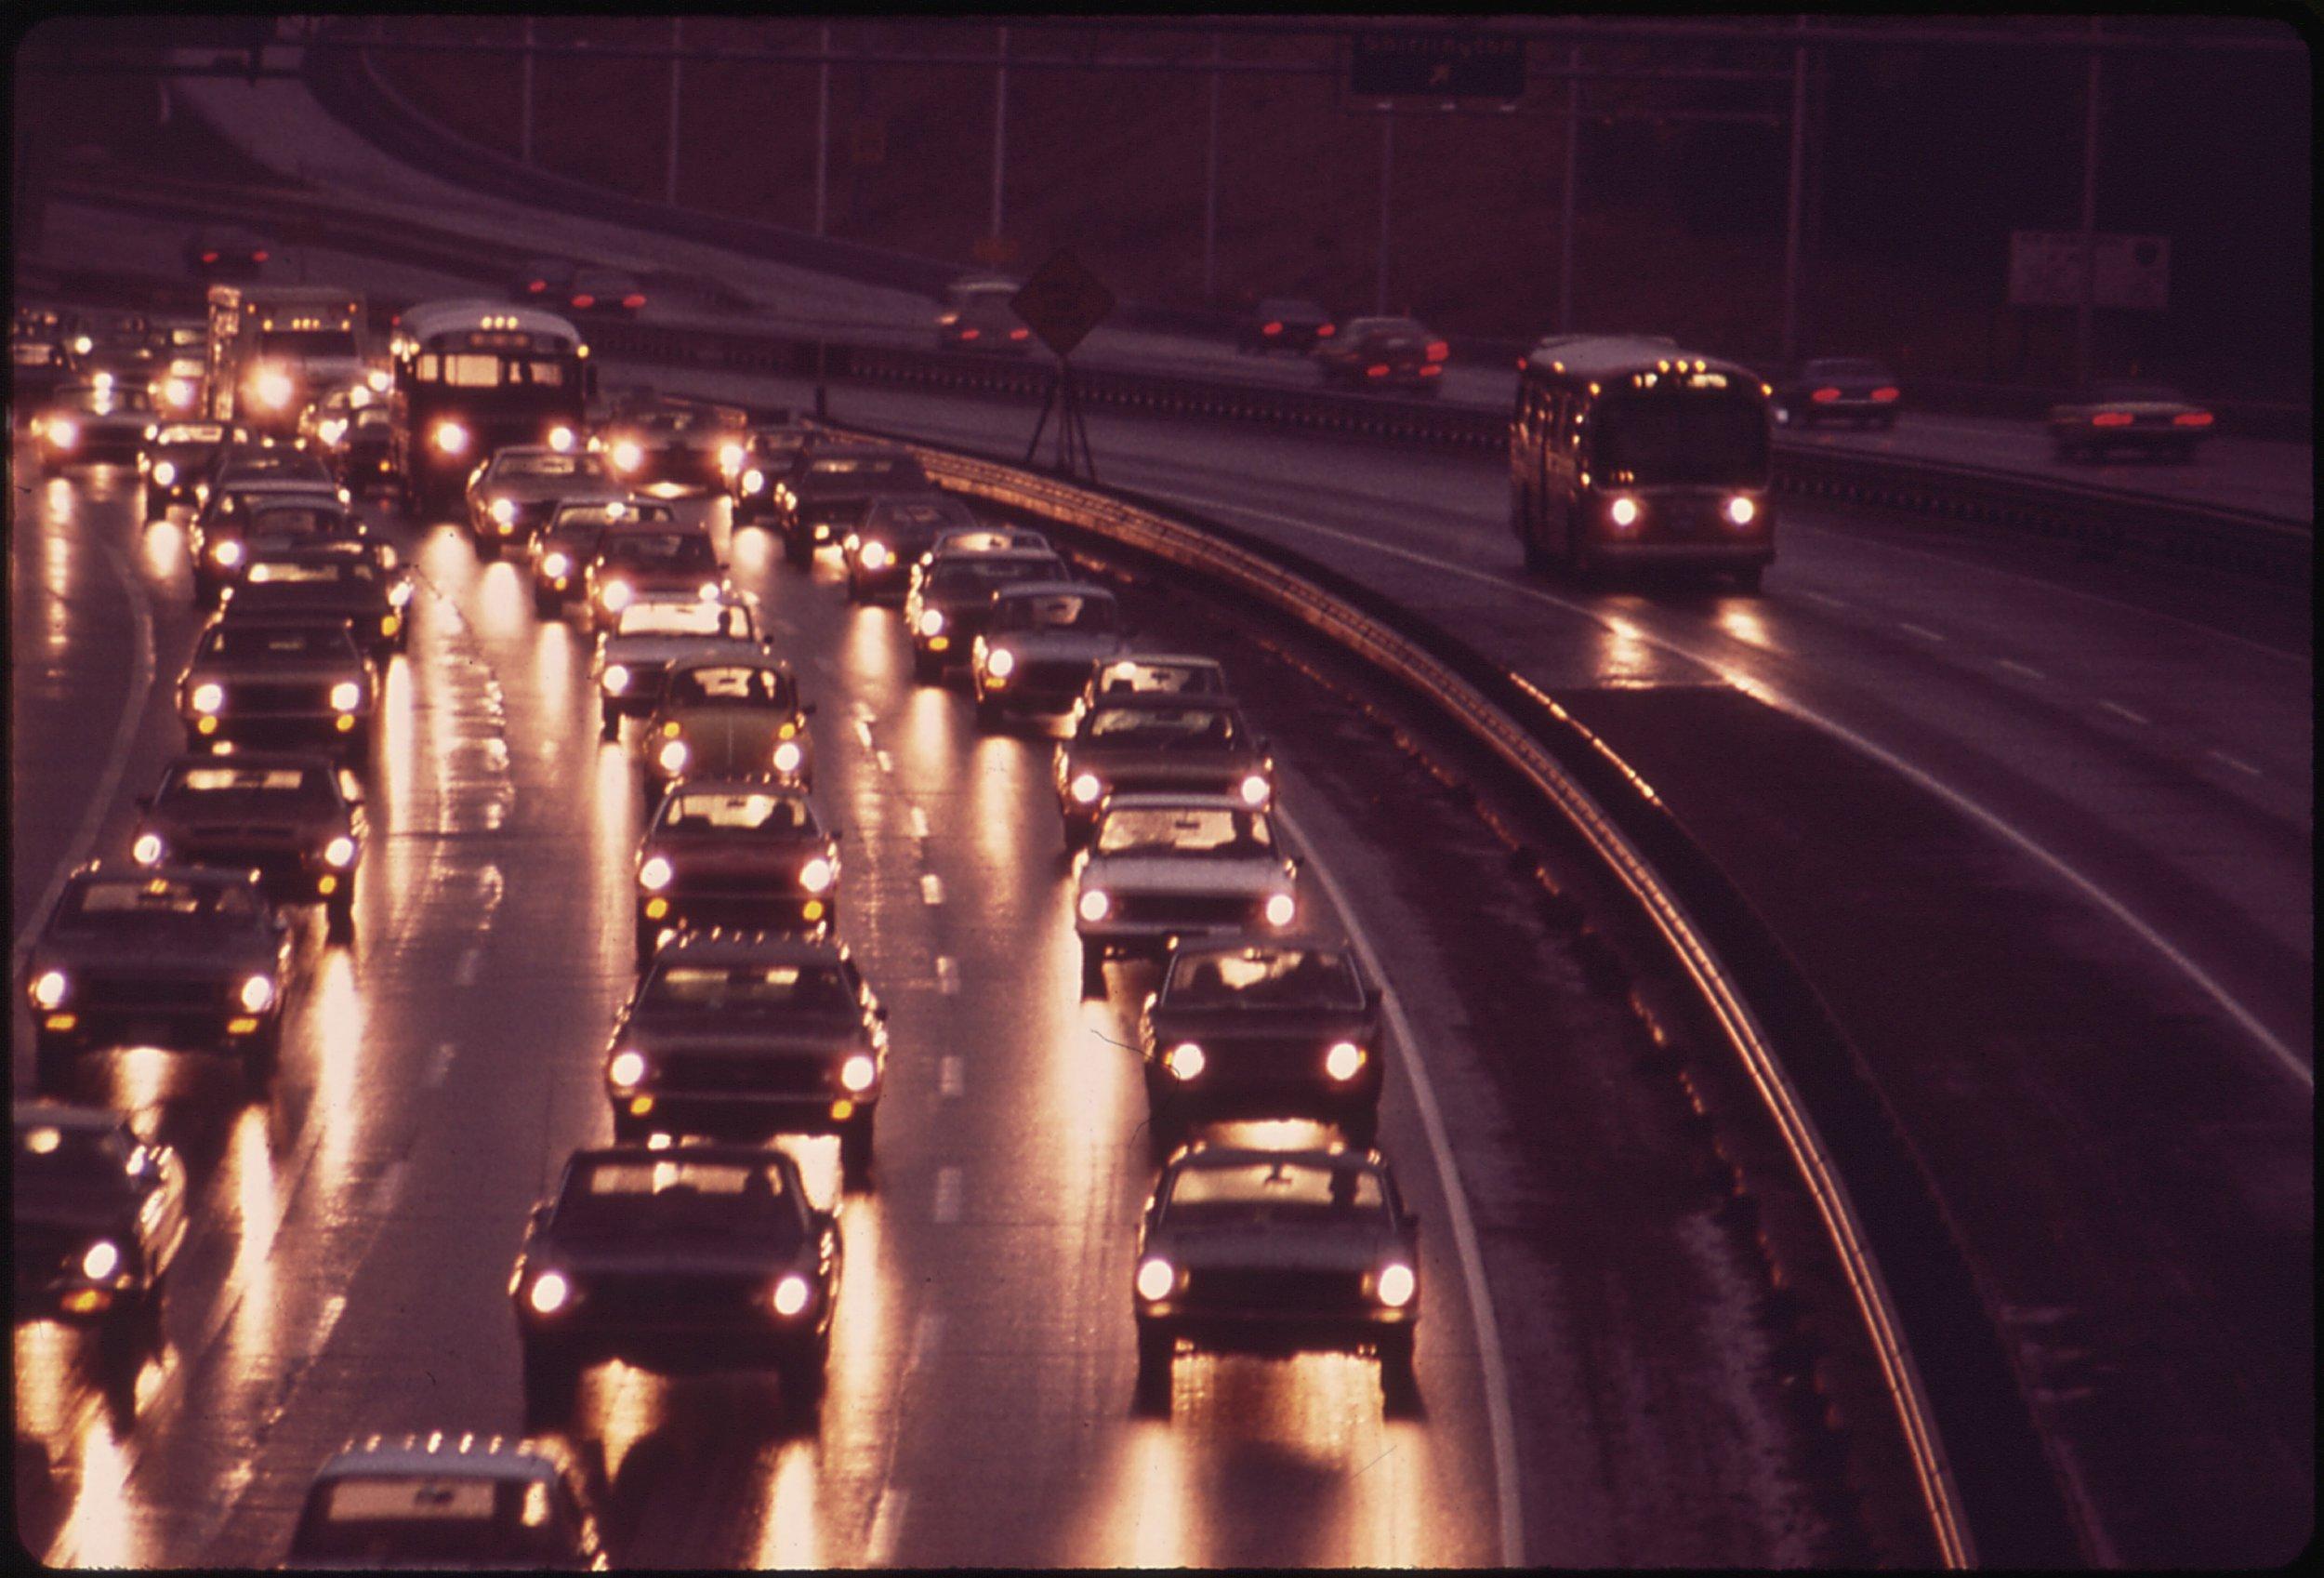 Samferdselssektoren står ovenfor utfordringer som vil endre transportsystemene radikalt.  Foto:Shirley Highway via Wikimedia